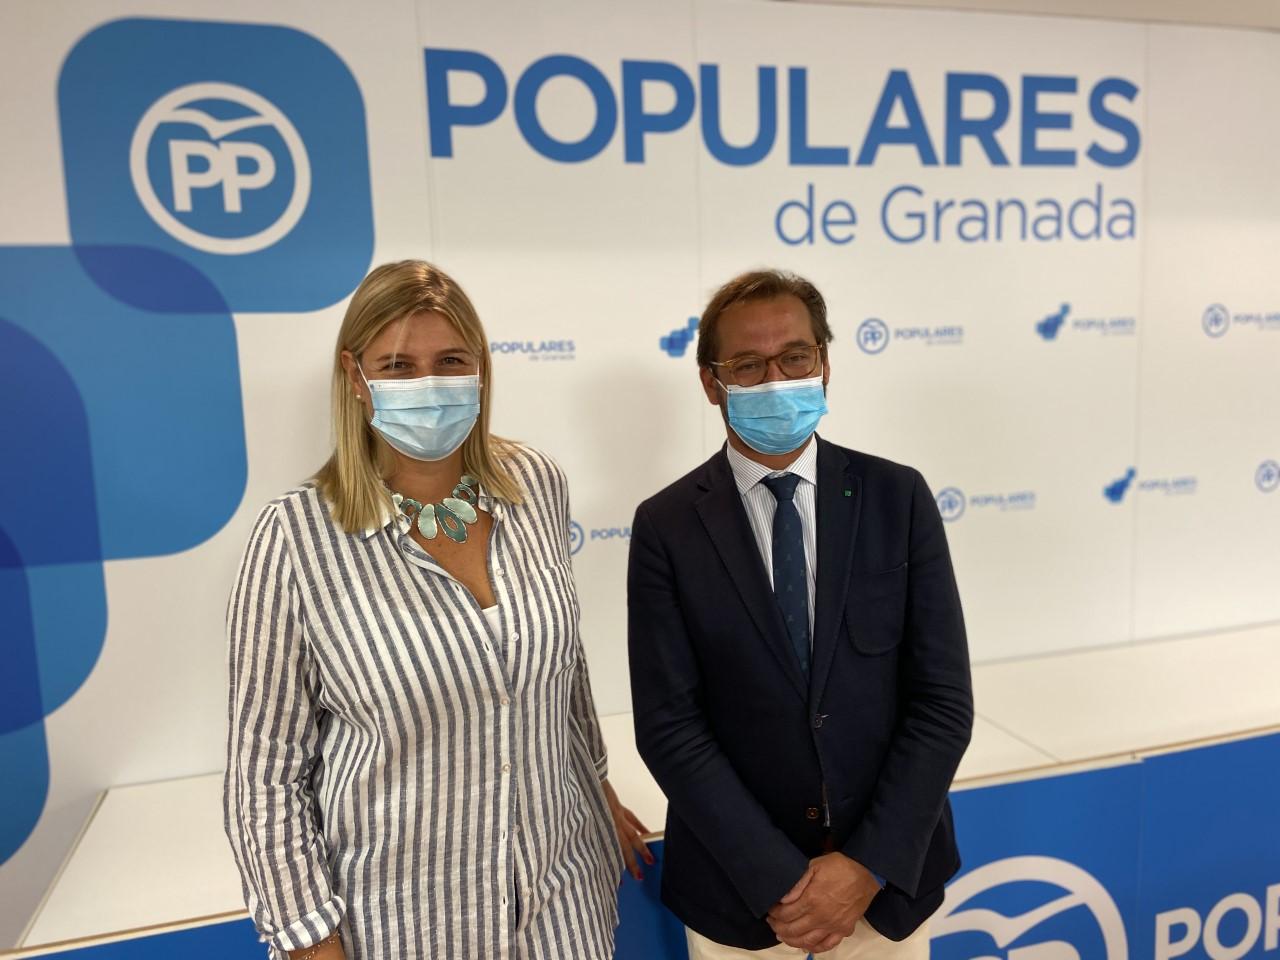 El PP lamenta la actitud del PSOE que reclama mejoras en el transporte público mientras en el Parlamento se opone